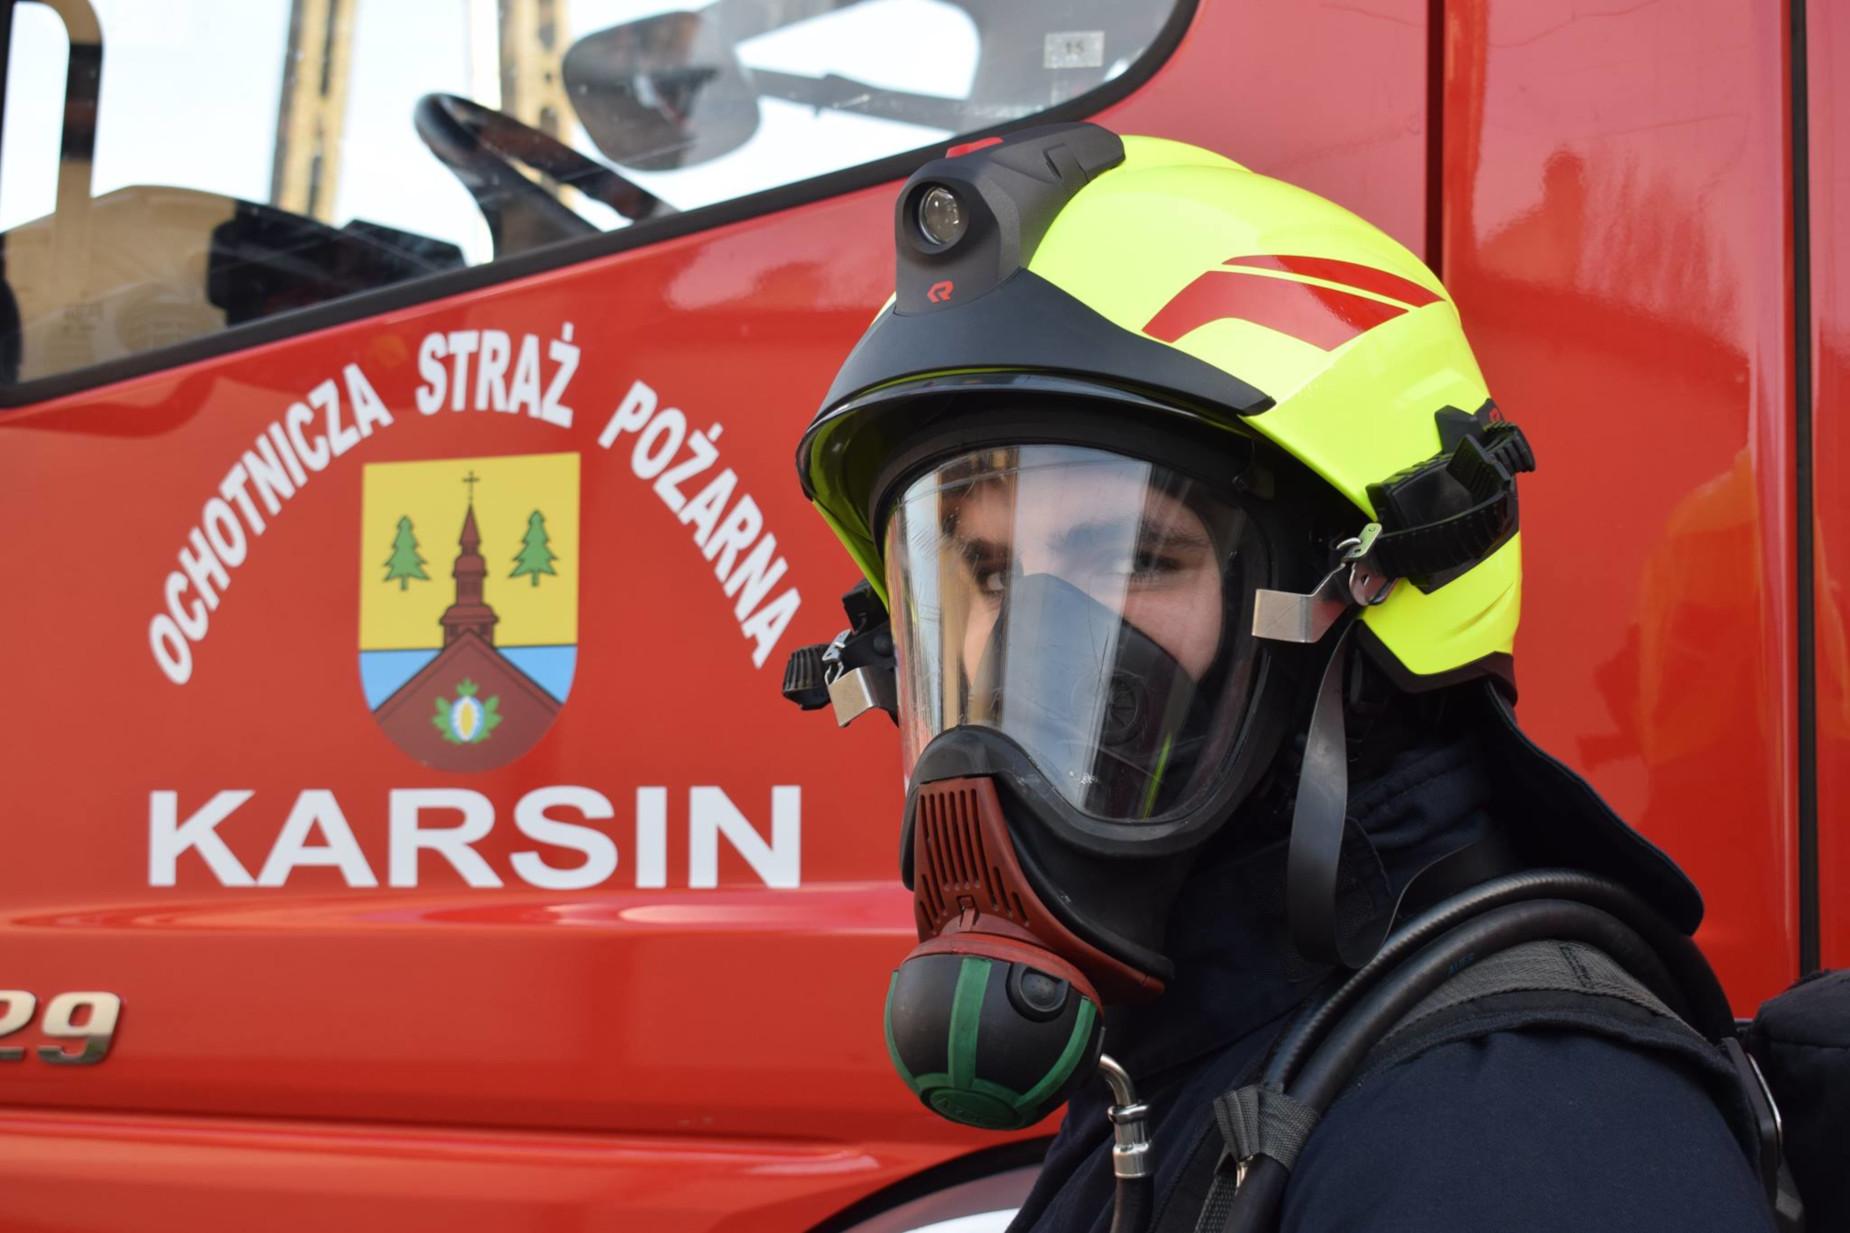 Strażacy ochotnicy z Pomorza wyróżnieni. Strażackie Oscary pojadą do Karsina, Czarnej Dąbrówki i Dzierżążna